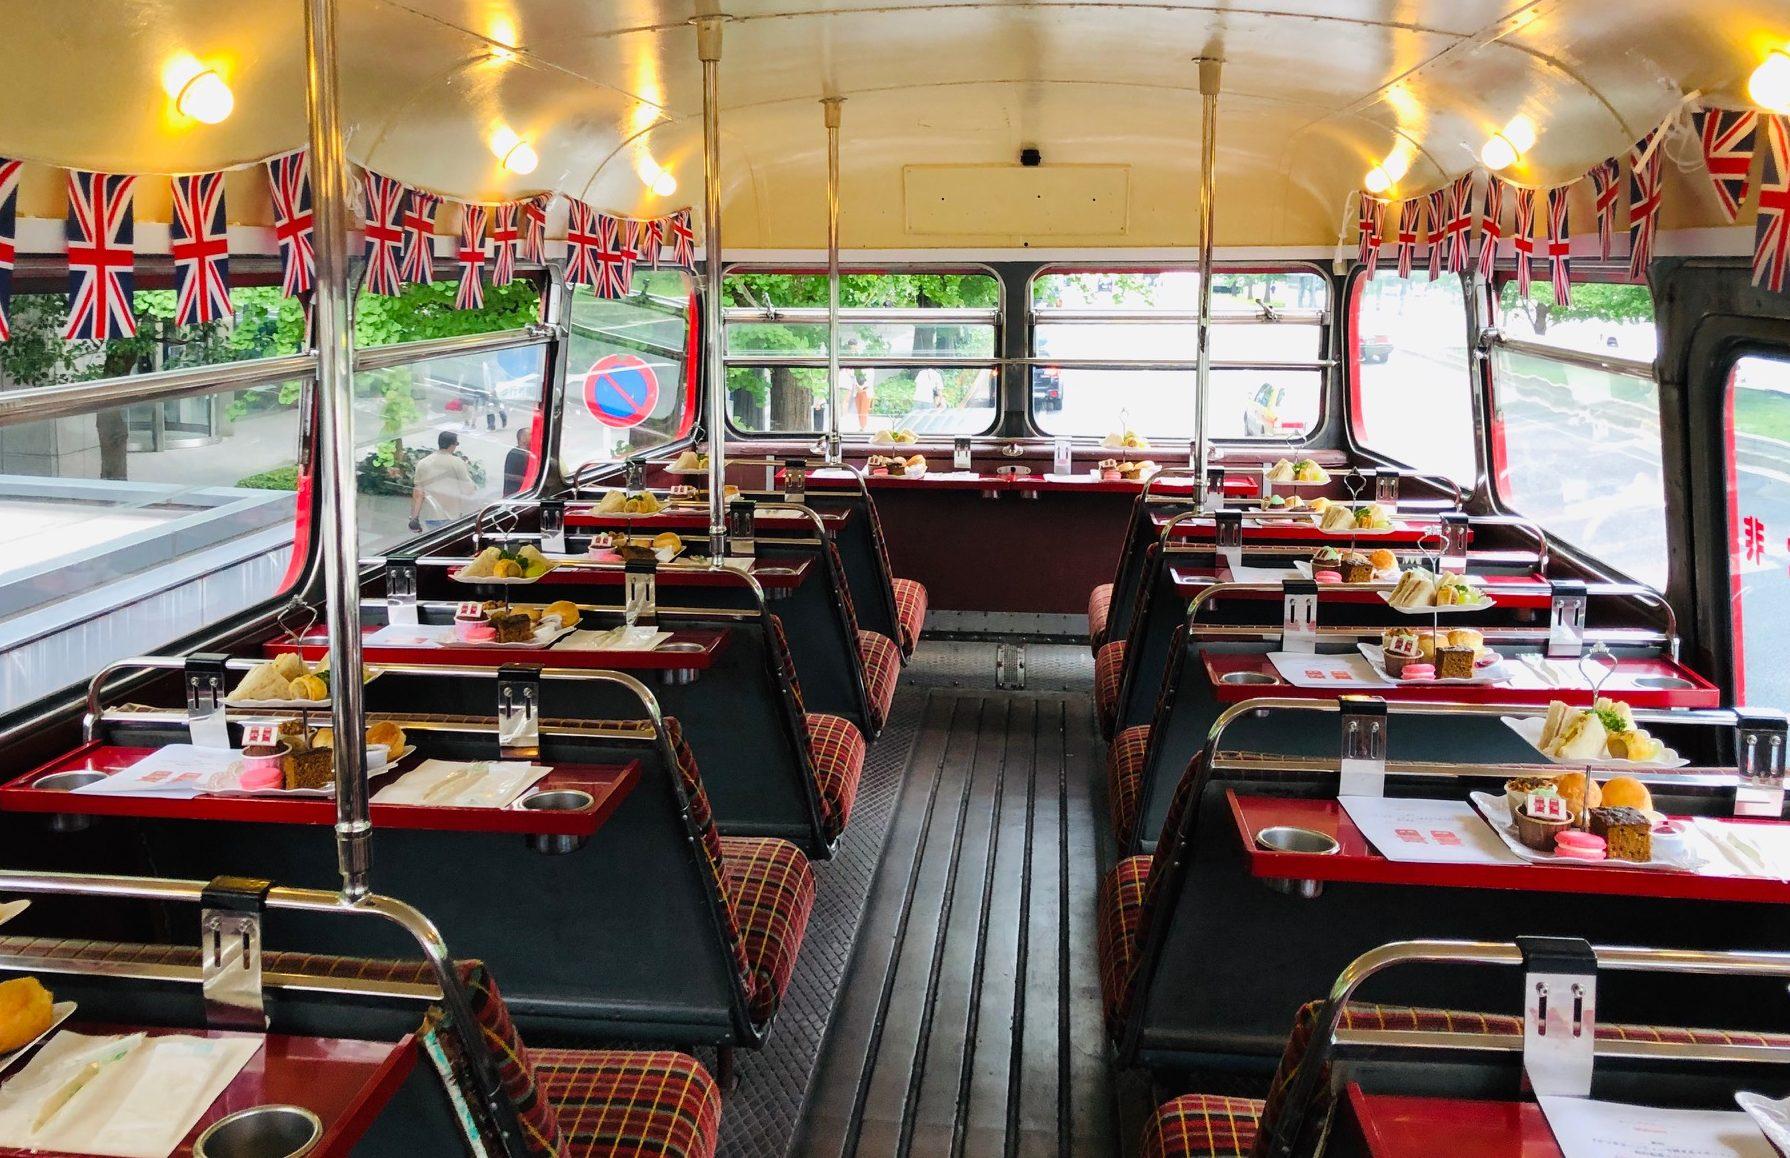 ロンドンバスでアフタヌーンティープロジェクト、スタートしました!